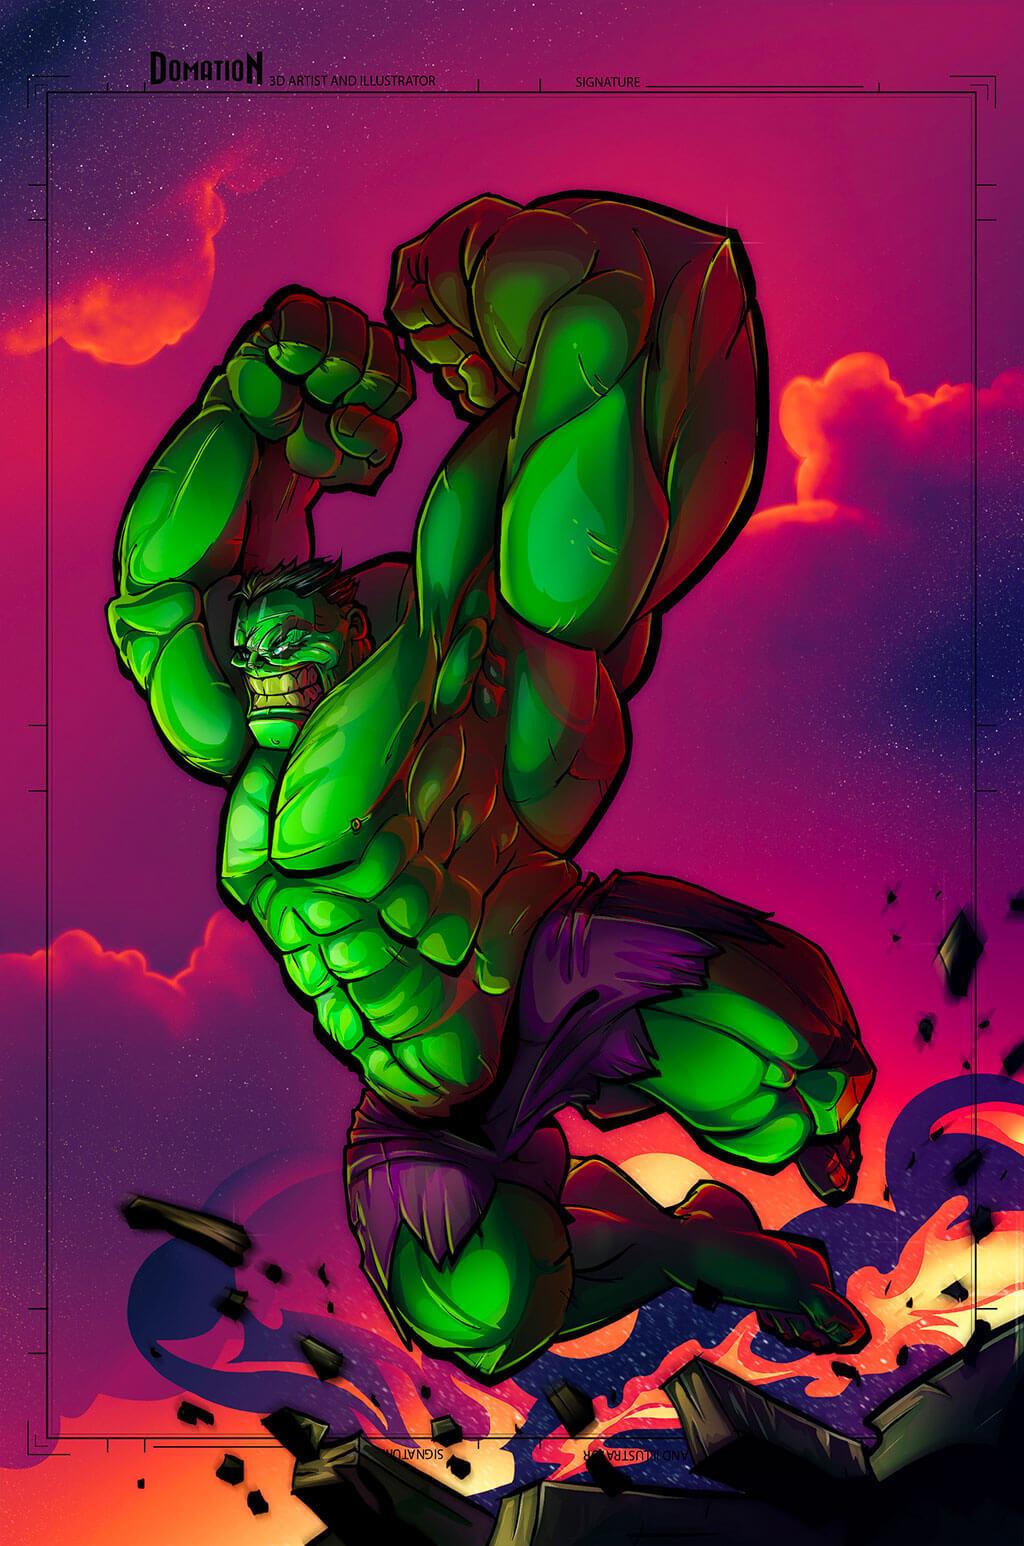 Avengers Fan Art by Dominic O'Neill